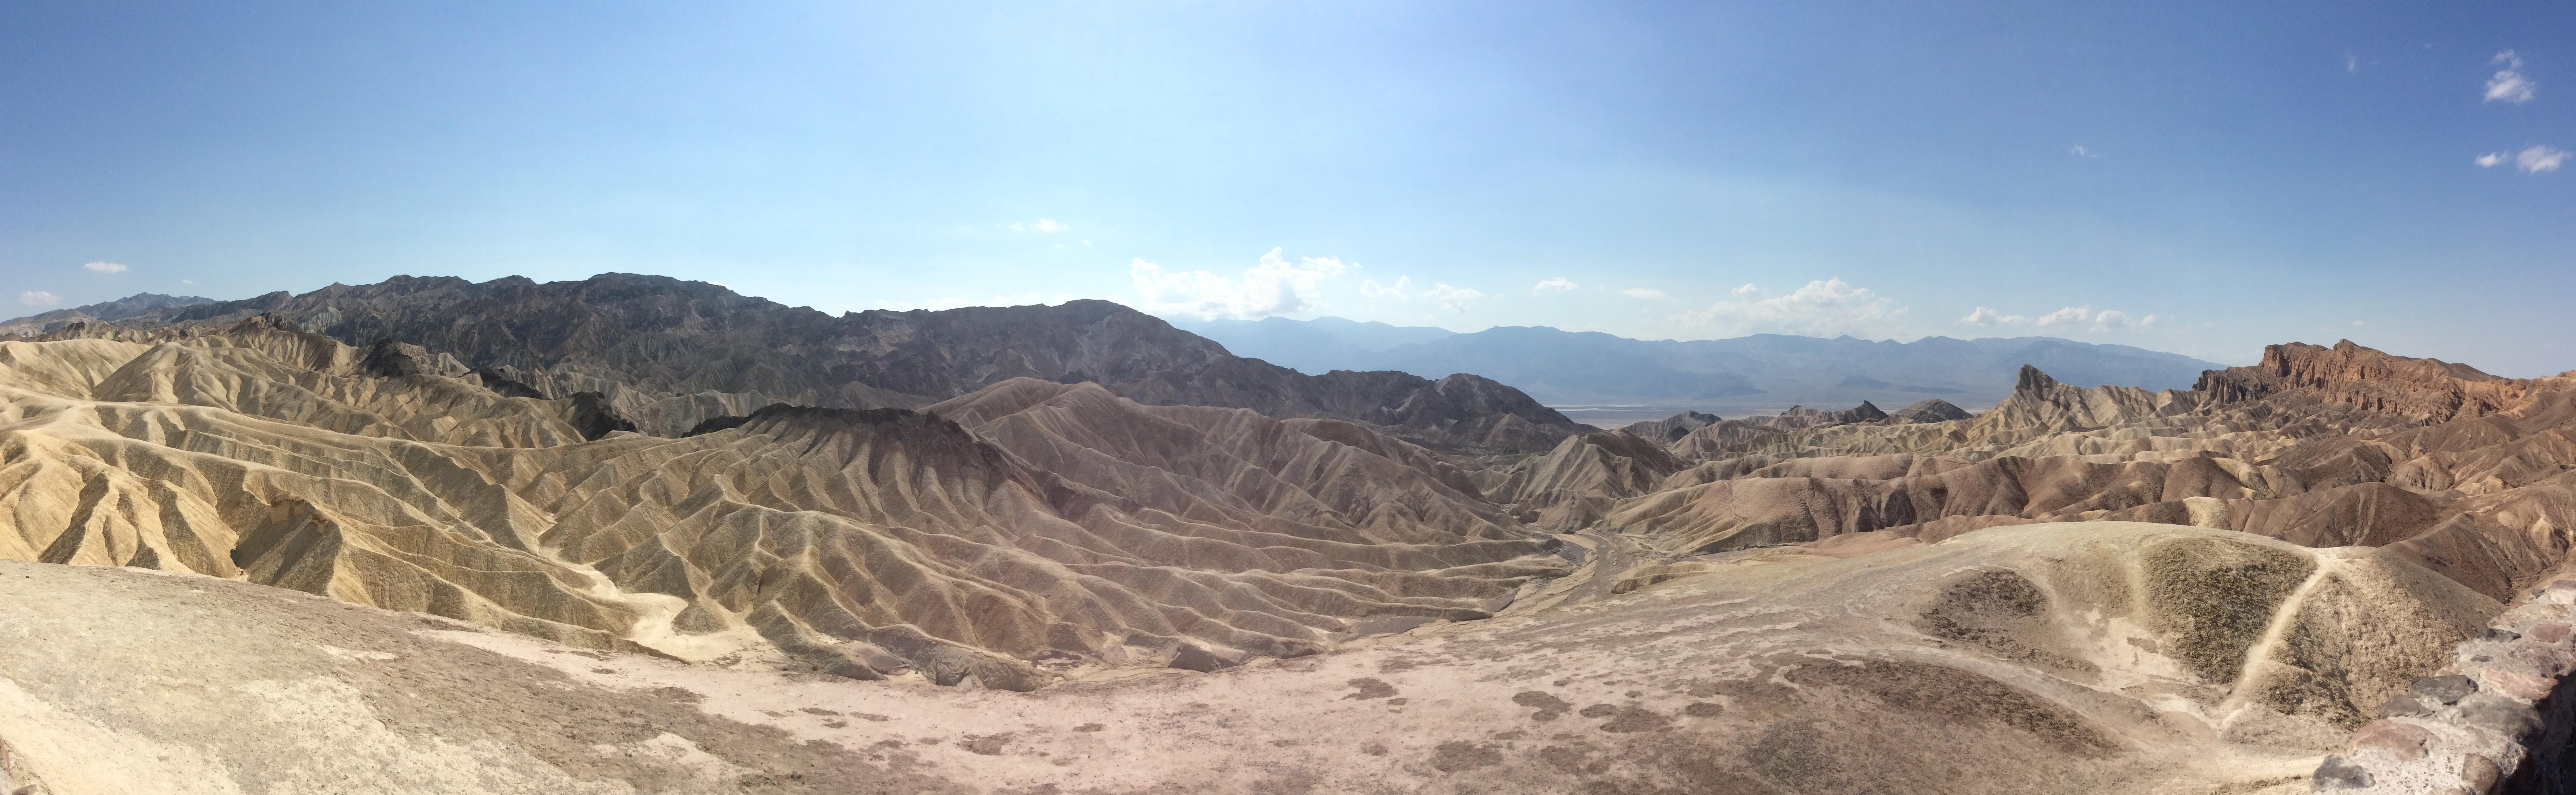 Zabriskie Point, Death Valley NP, Californie, USA